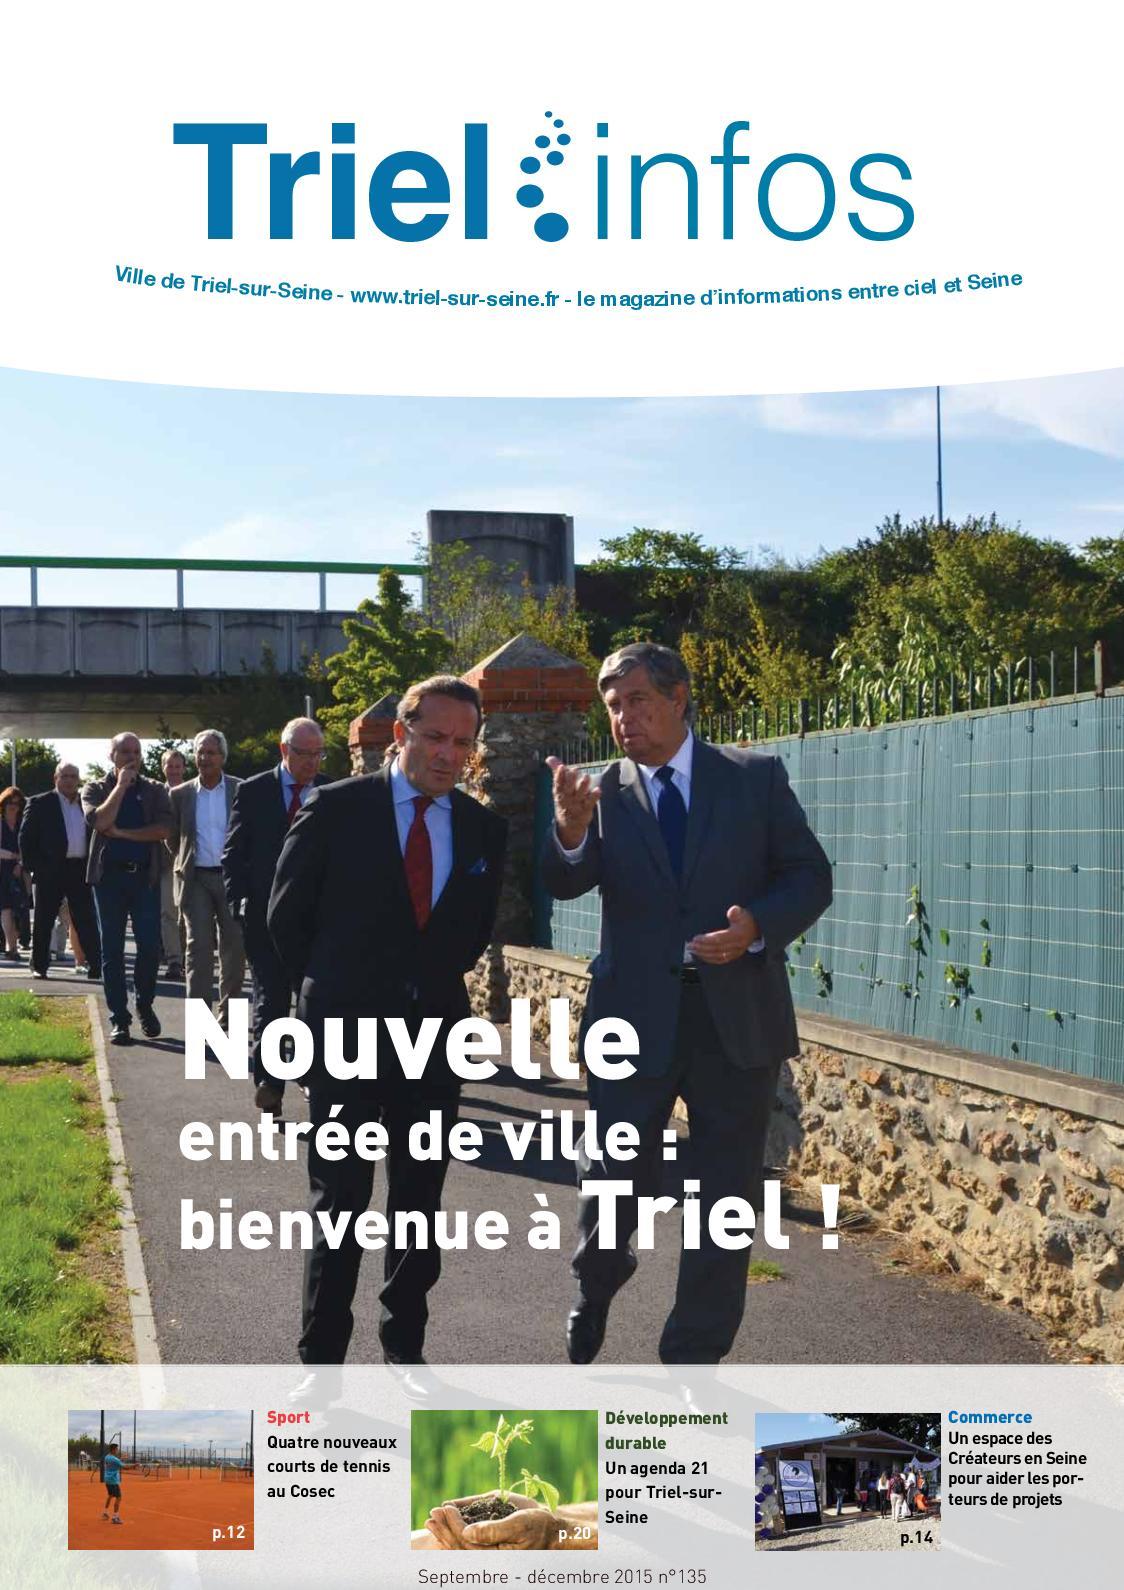 Triel Sur Seine Fr calaméo - triel infos 135 septembre - décembre 2015